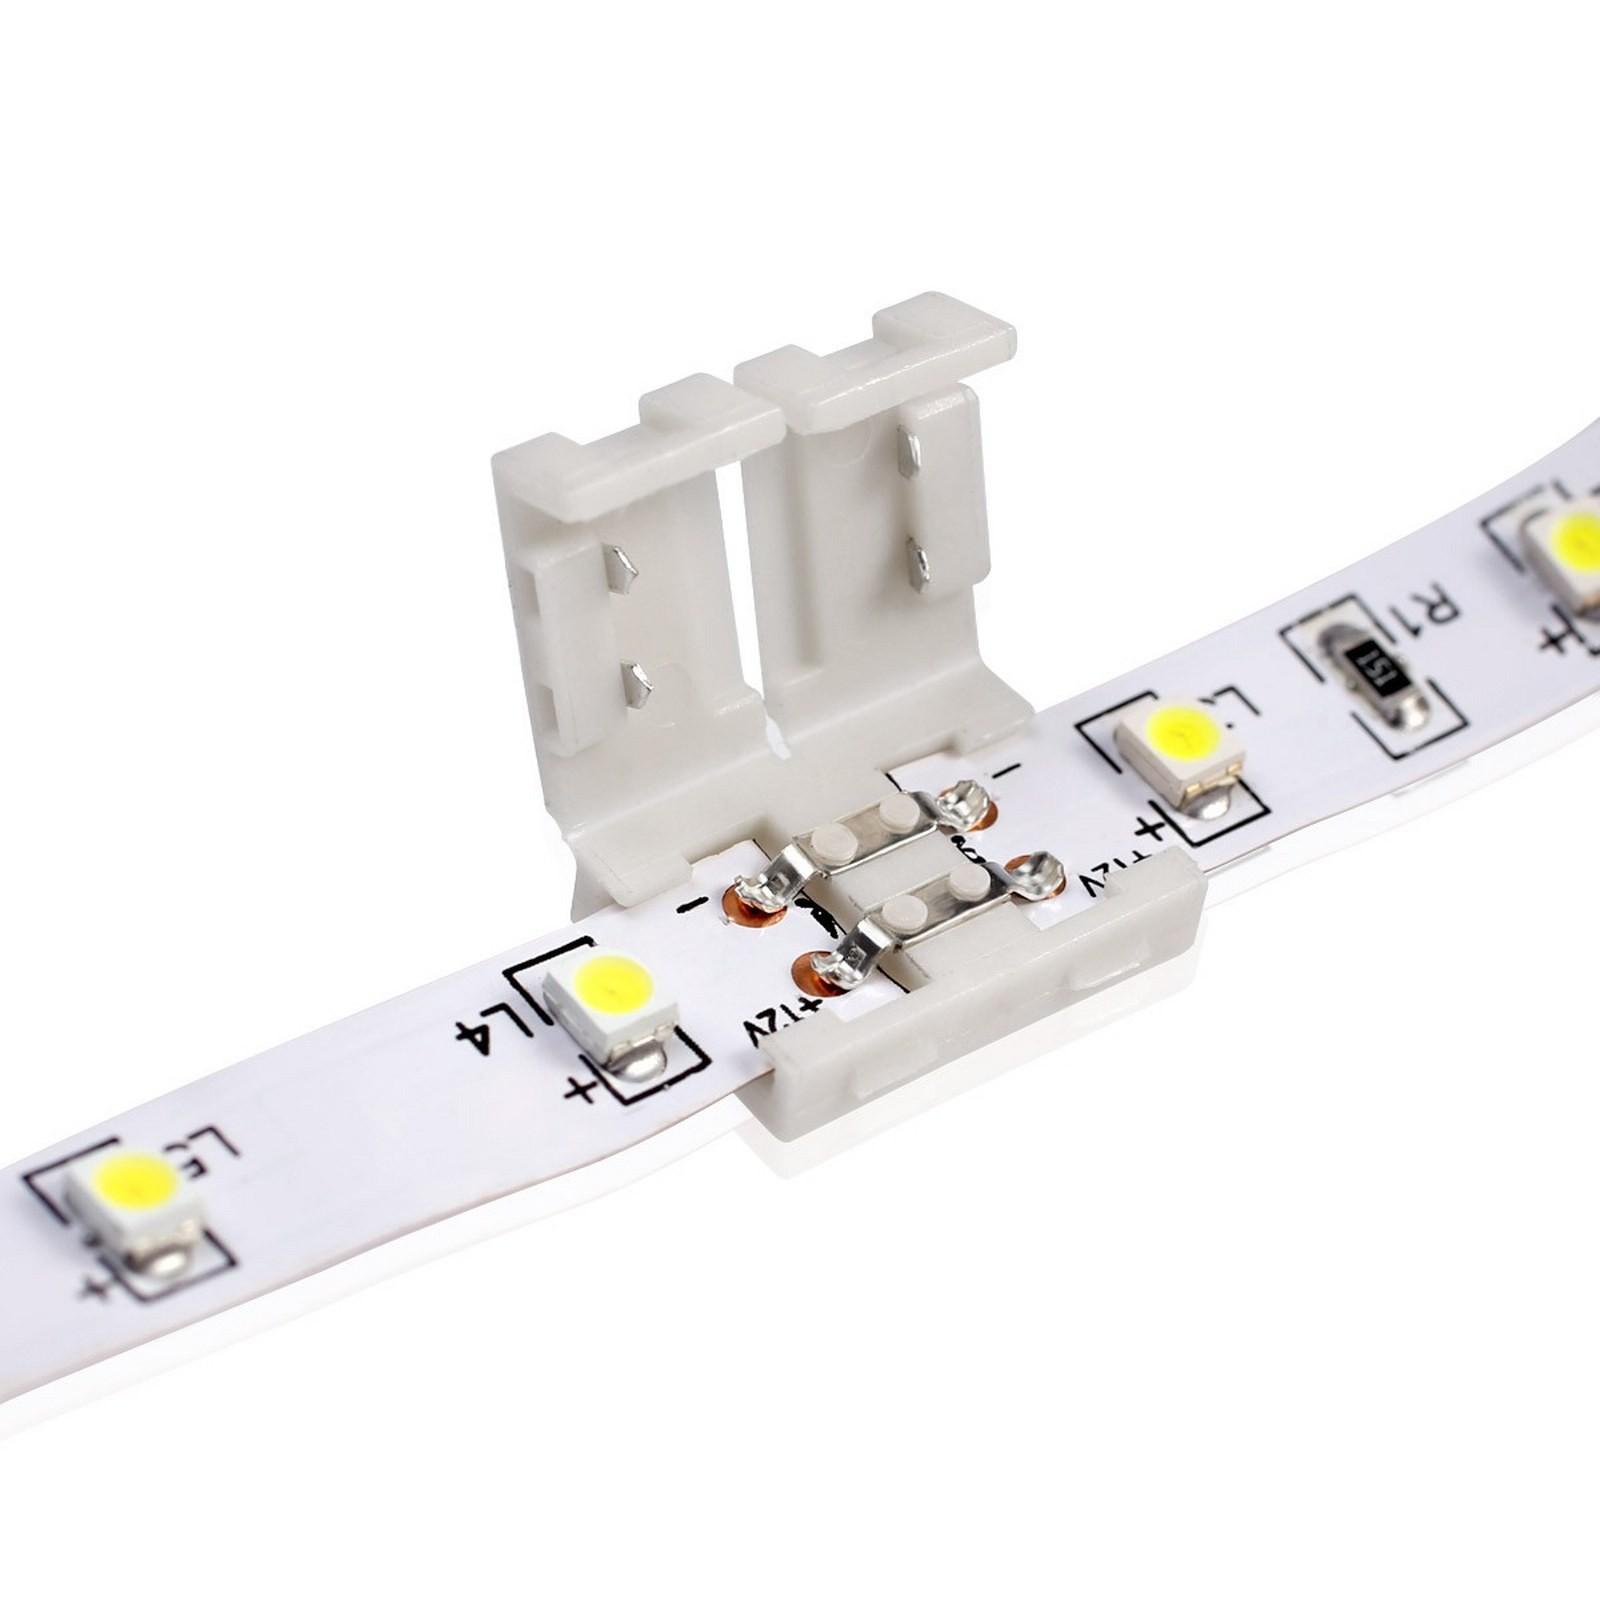 C10-3528 - Offerte cavi, connettori e kit elettrici  SILAMP - - Giunto Connettore Strisce ...